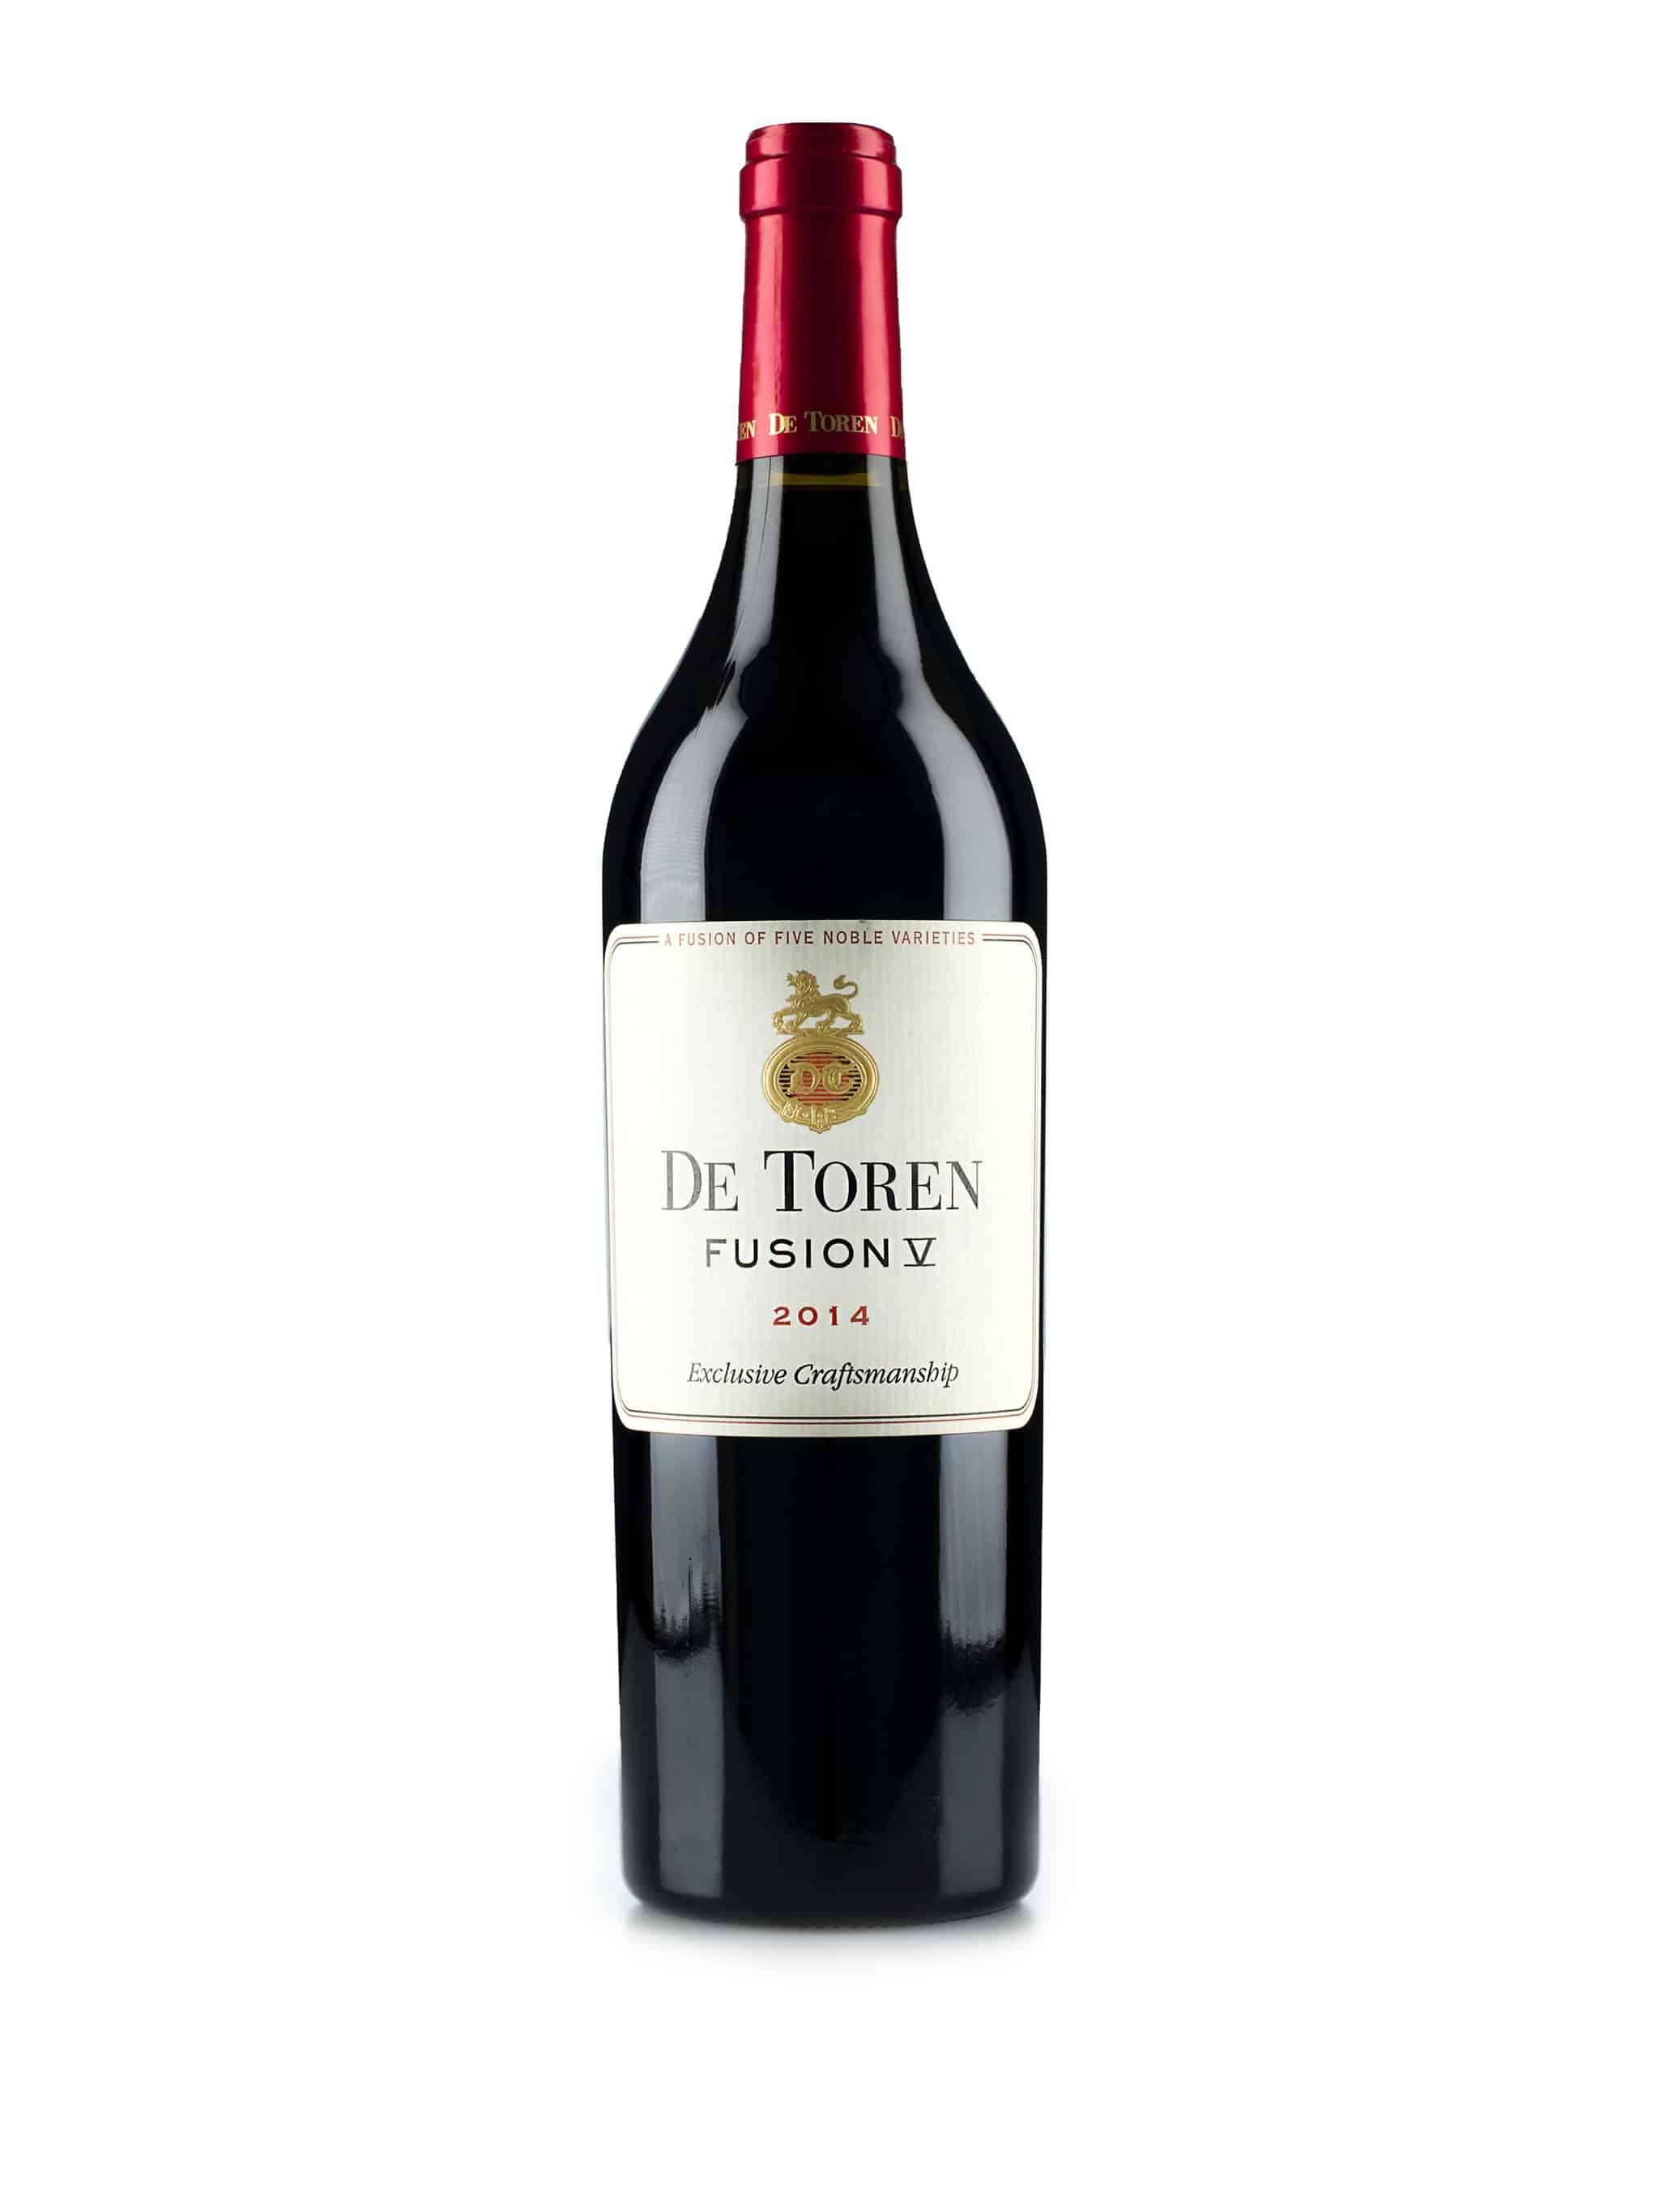 Zuid-Afrikaanse rode wijn van wijndomein De Toren: De Toren Fushion V